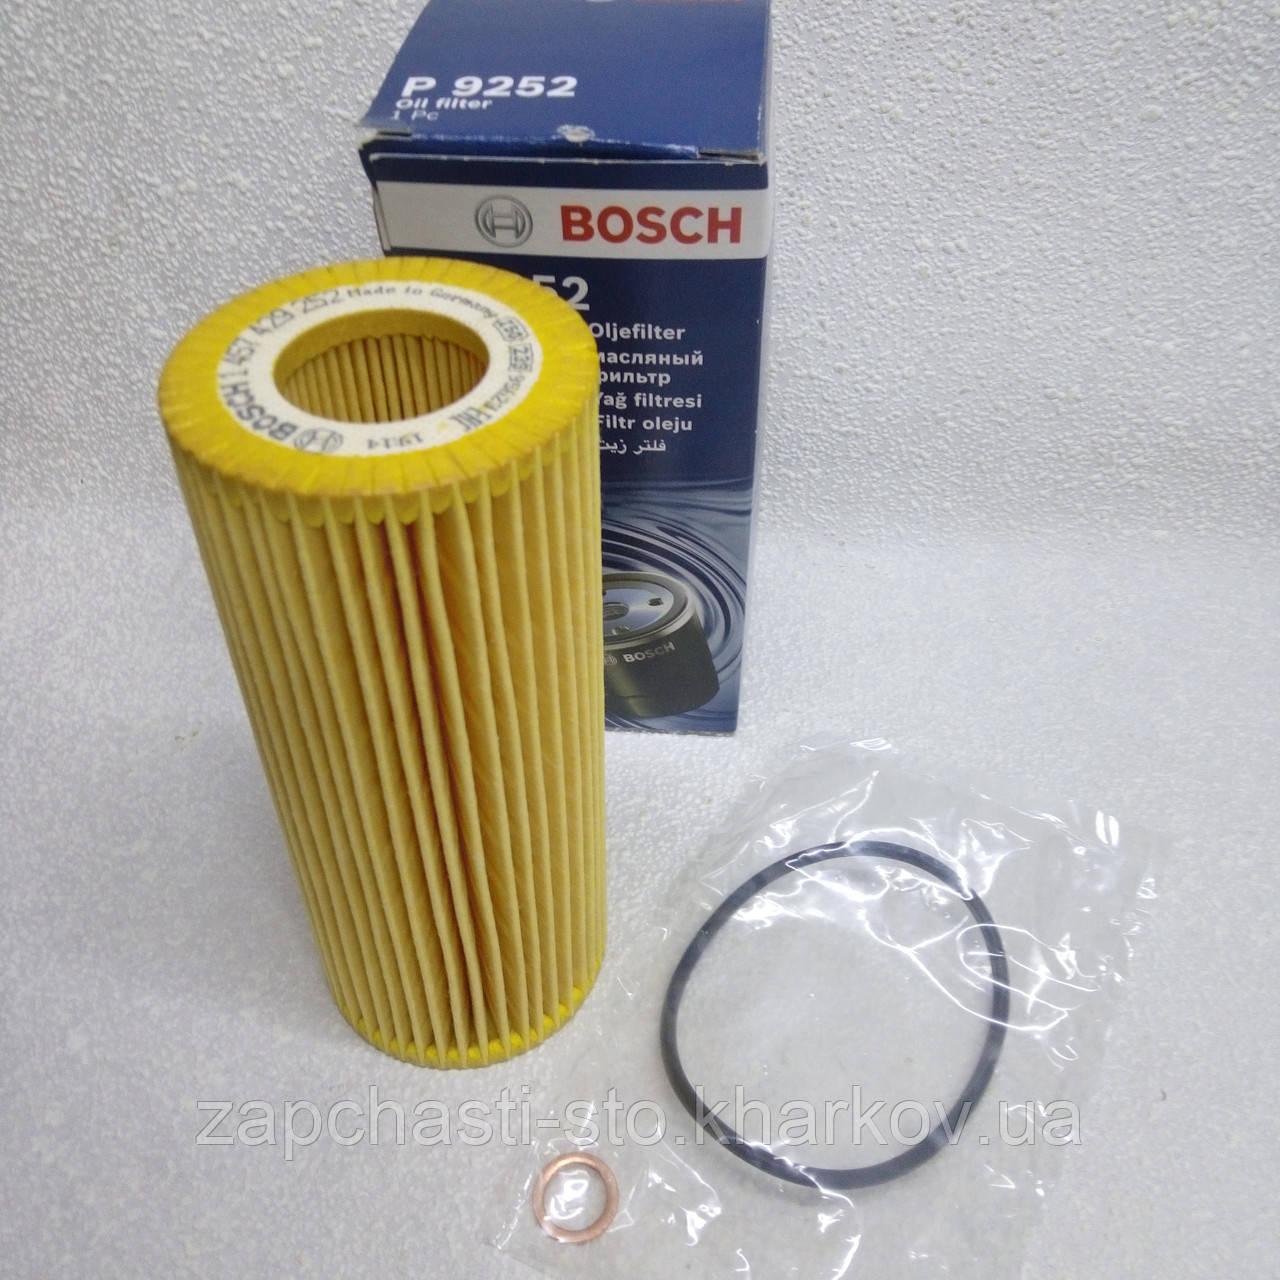 Фильтр масляный БМВ E46/Е60/E65/Е53(X5) BOSCH